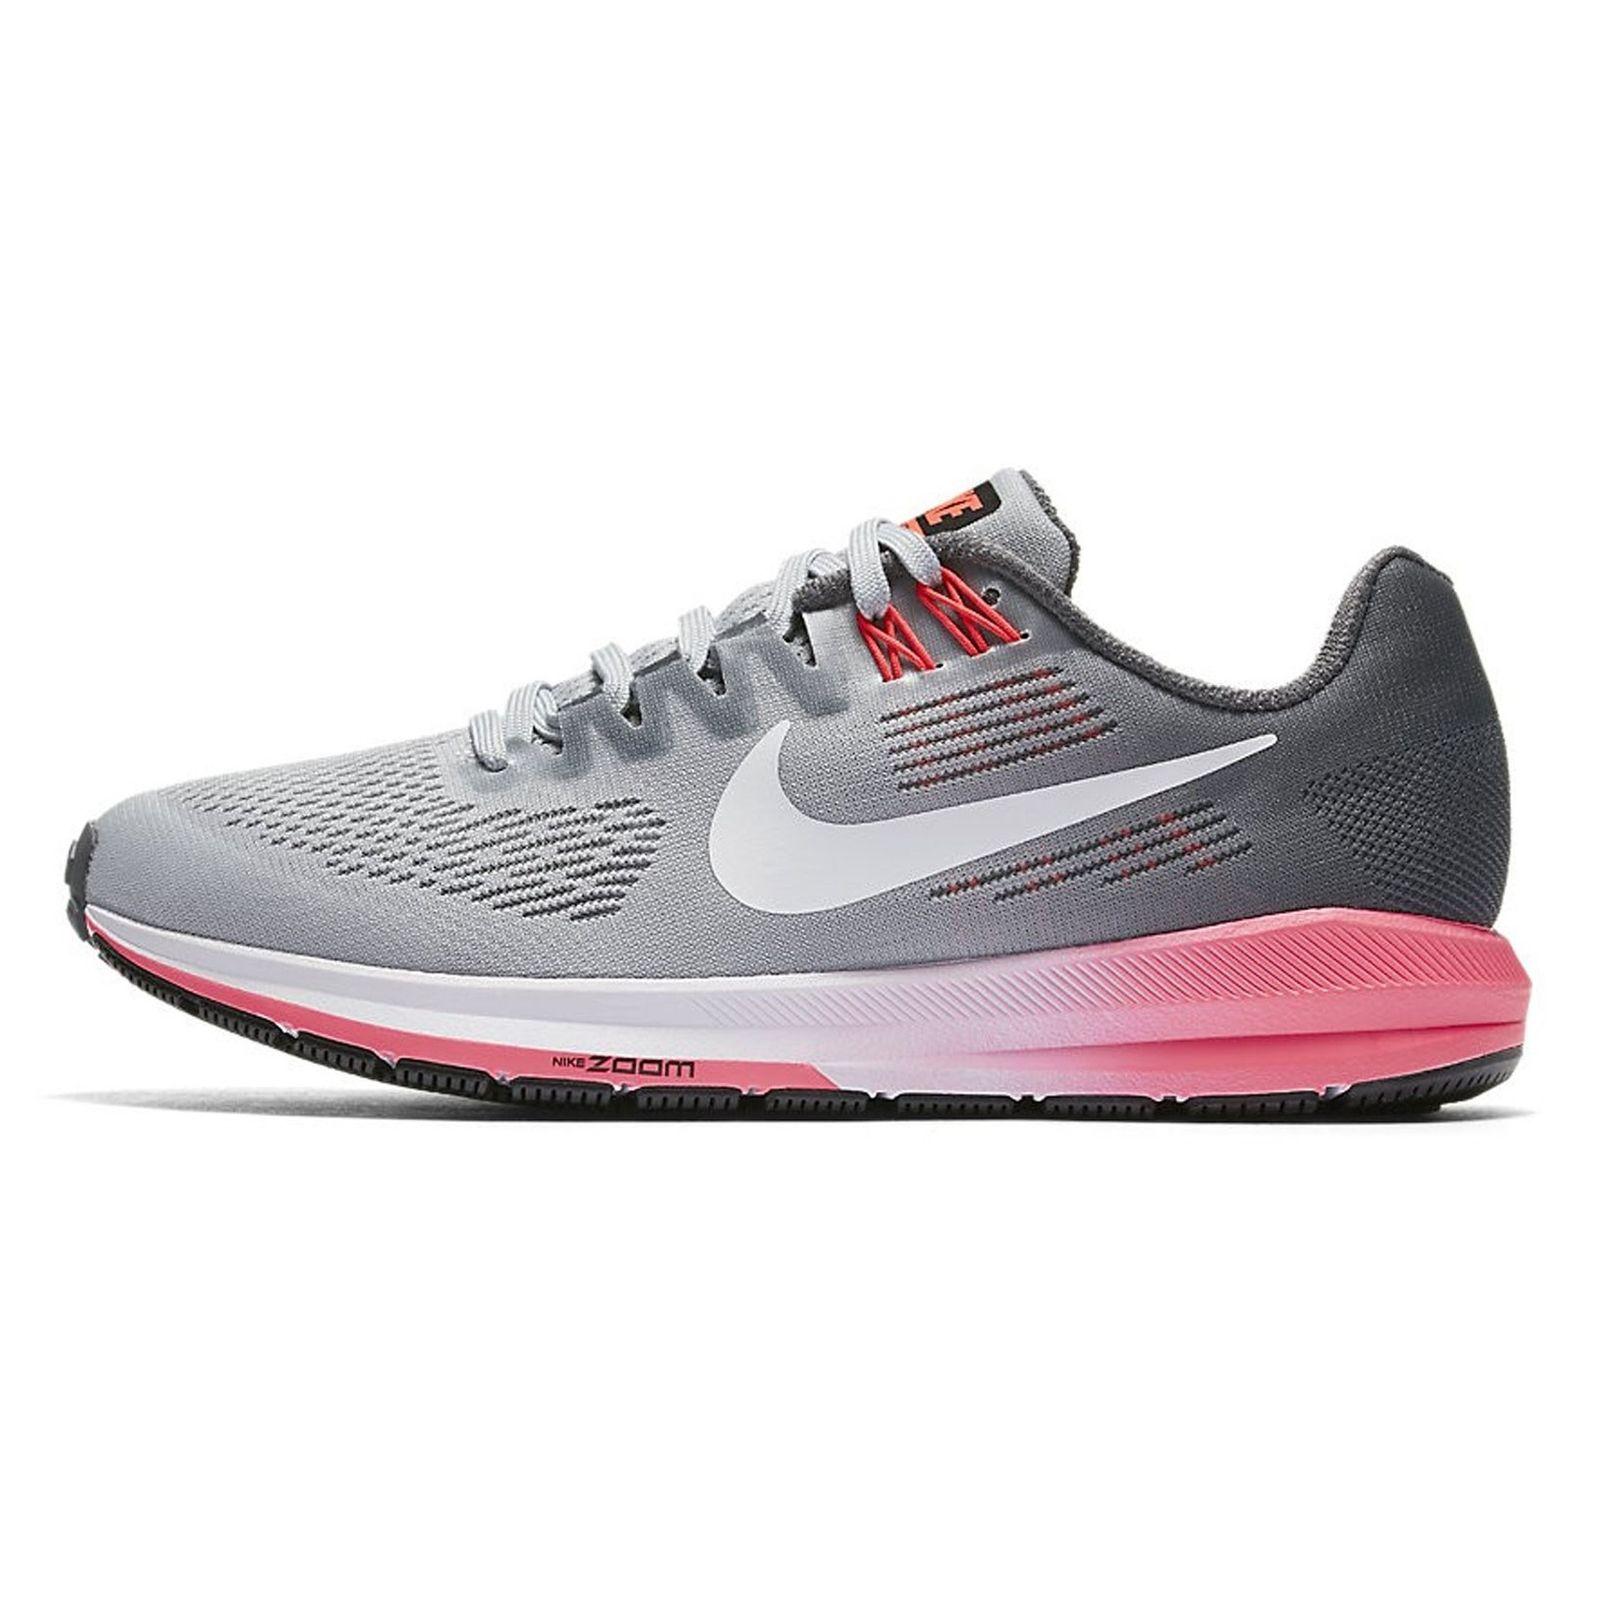 کفش دویدن بندی زنانه Air Zoom Structure 21 - نایکی - طوسي و مشکي - 4